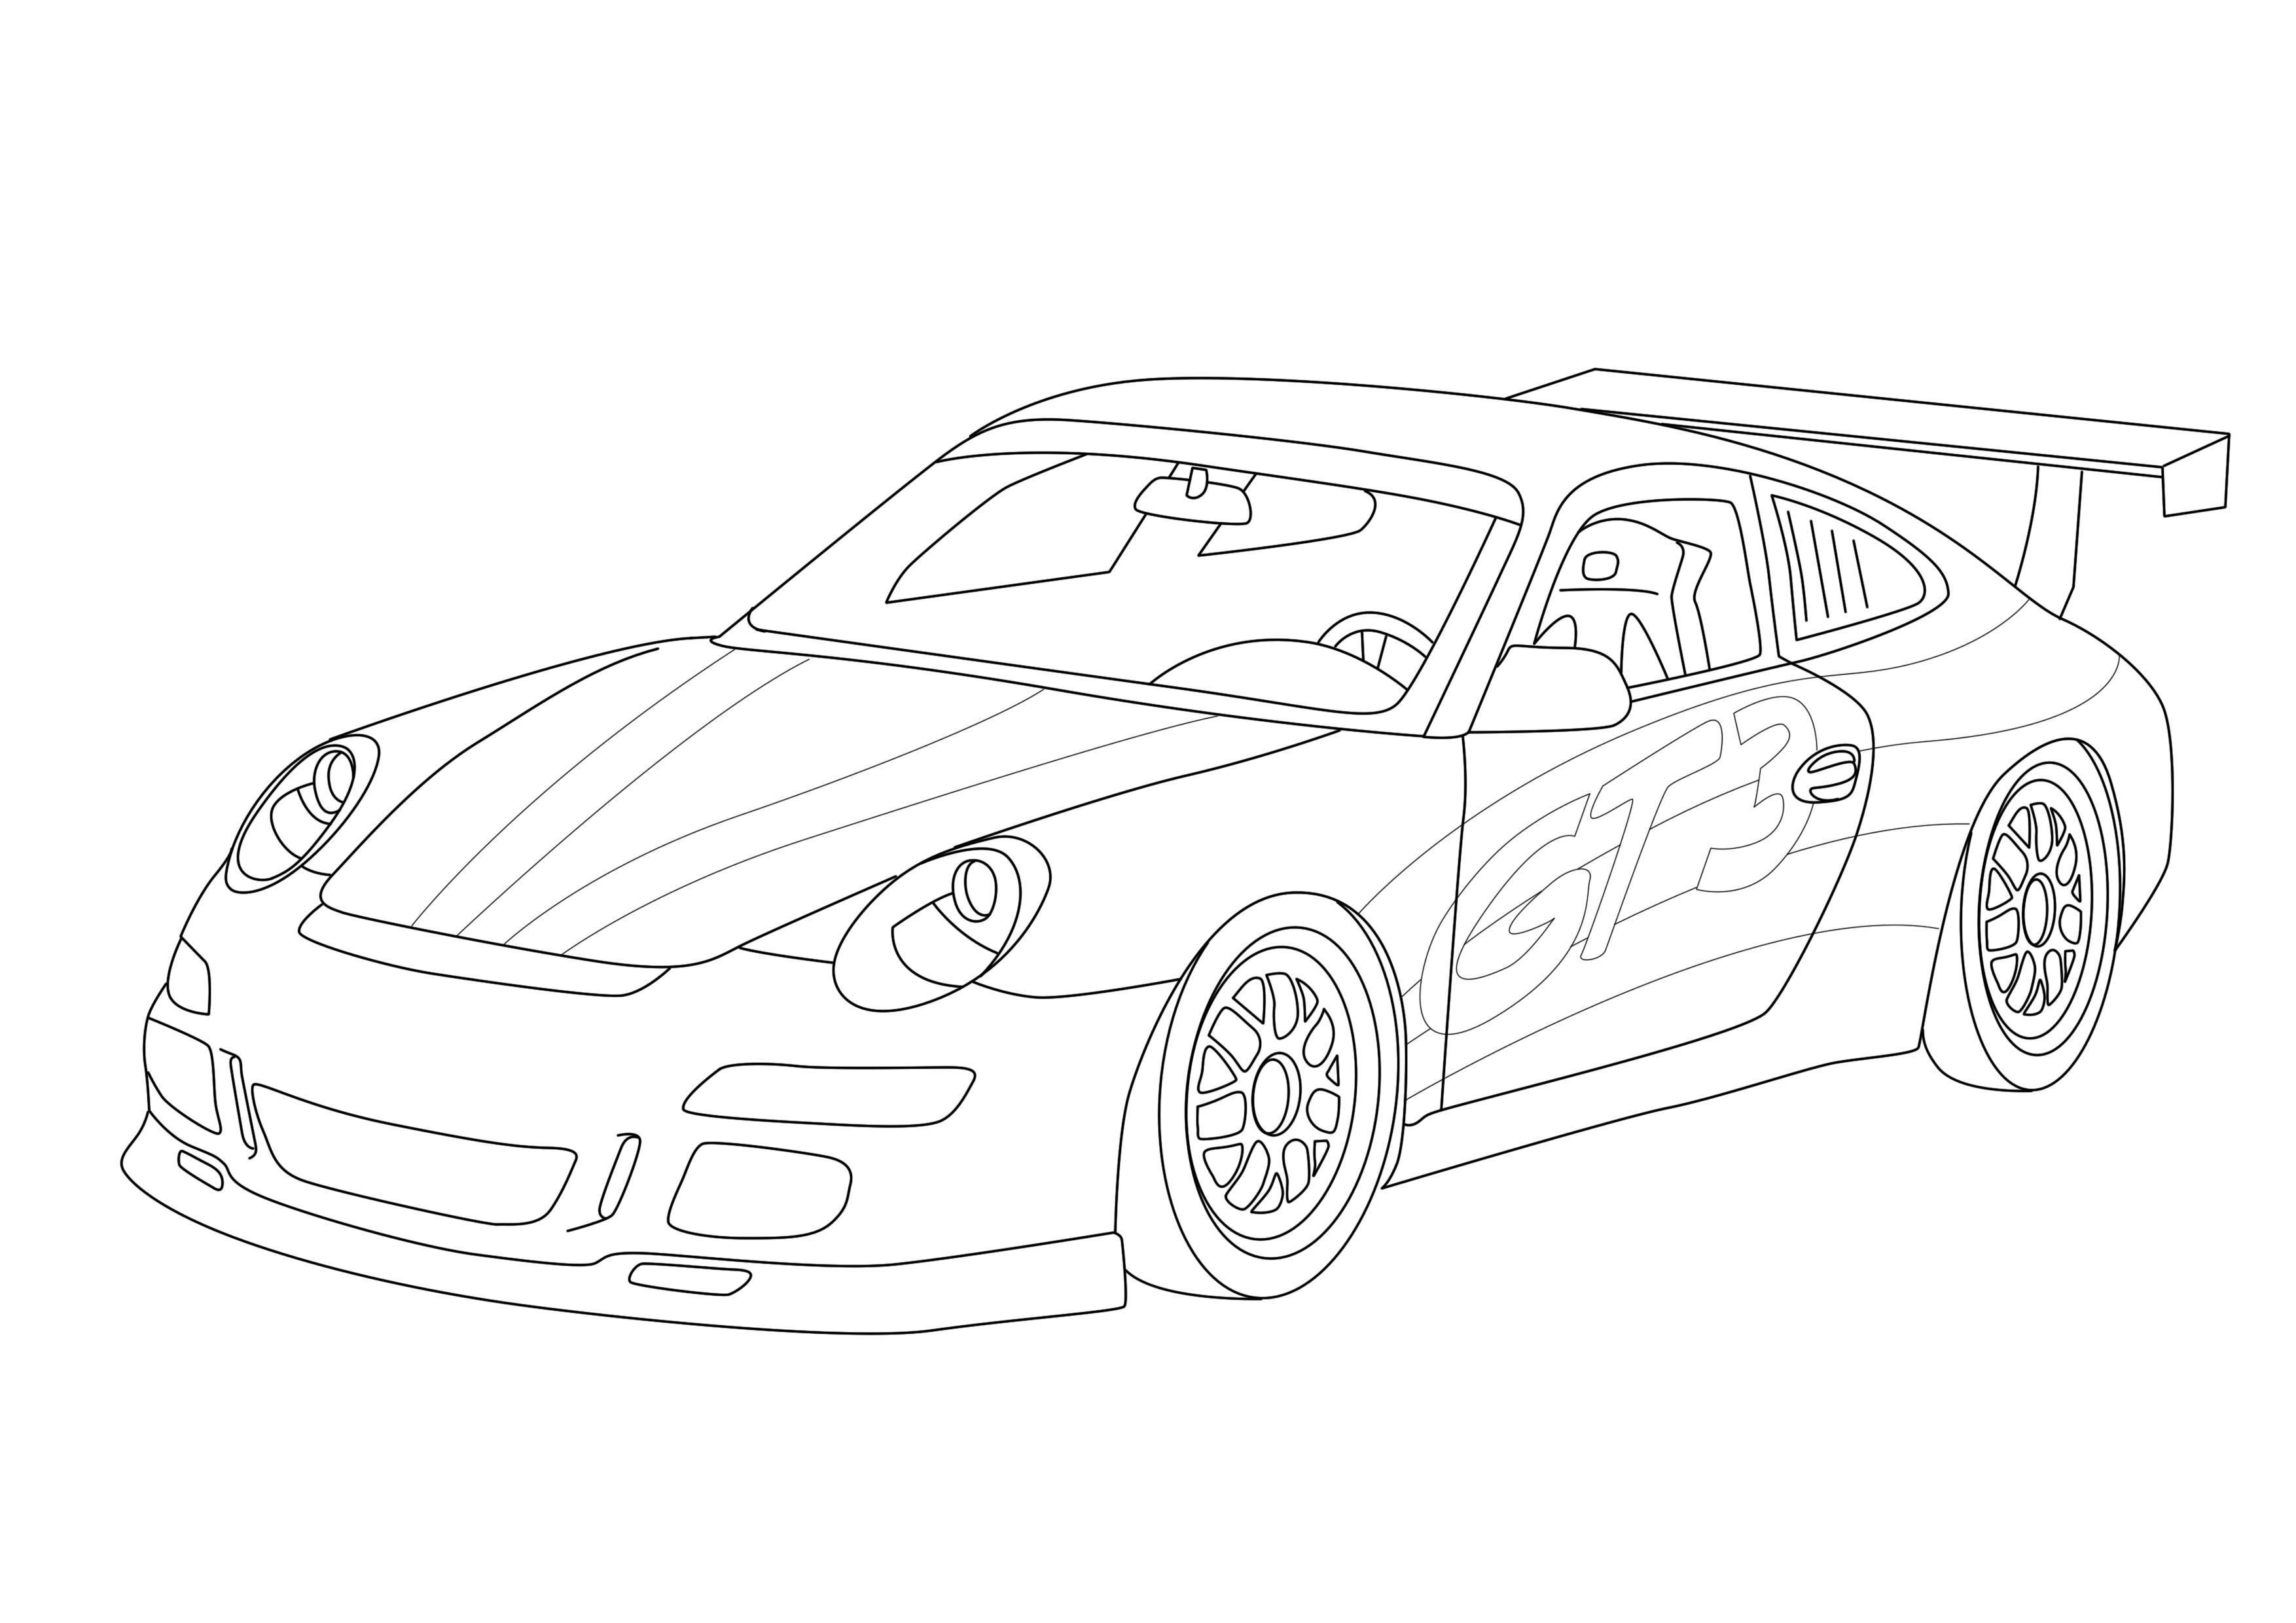 Porshe 911 sport Скачать раскраски для мальчиков